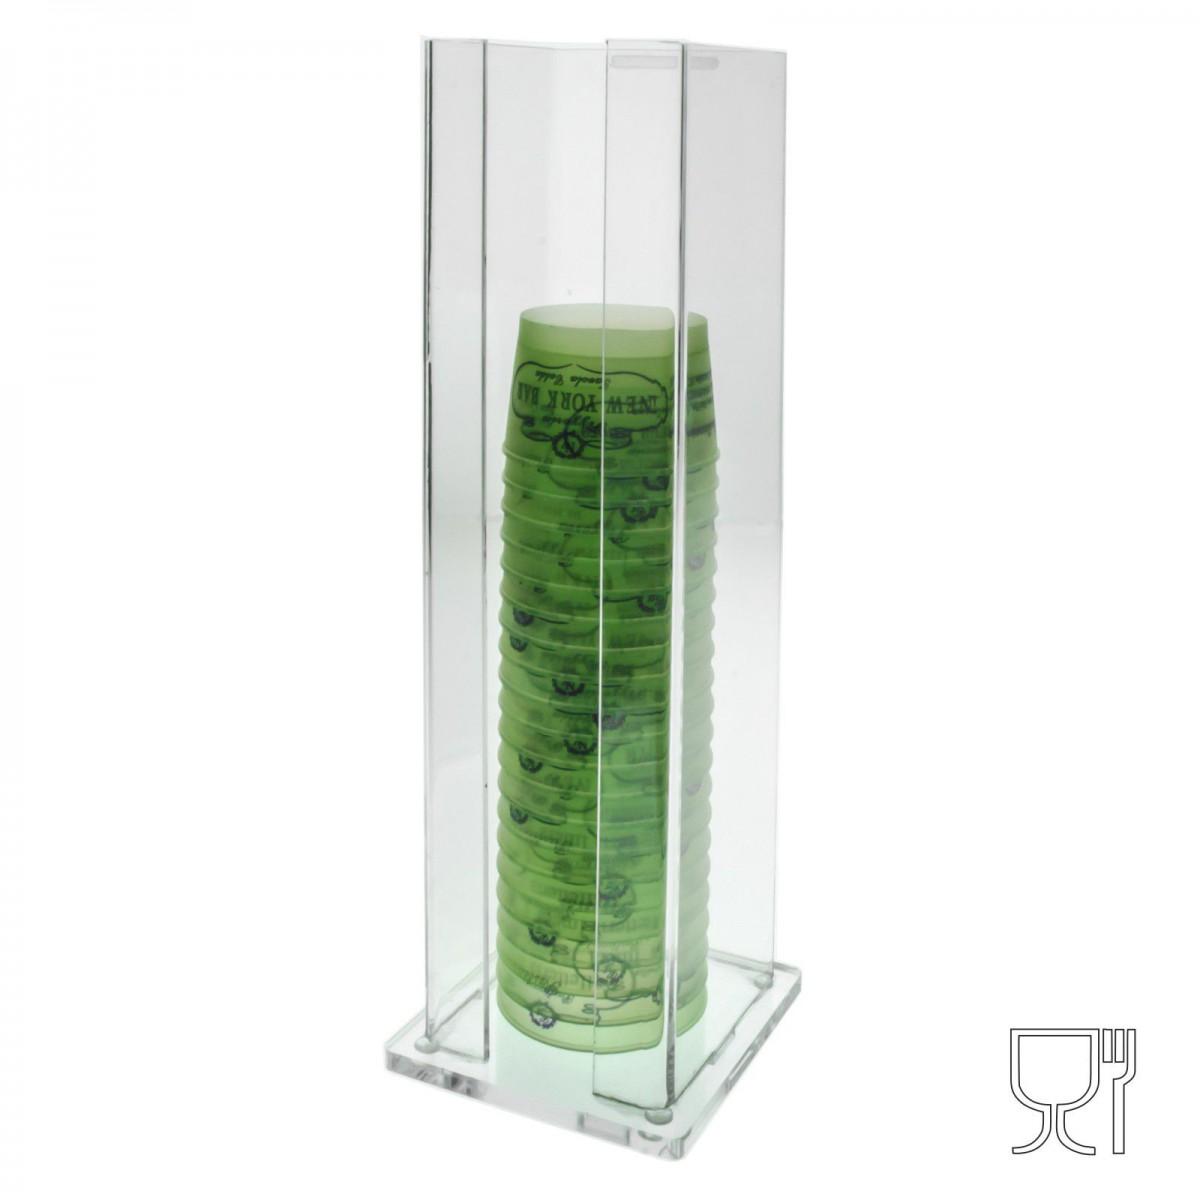 Porta coppette in plexiglass trasparente – H36 cm